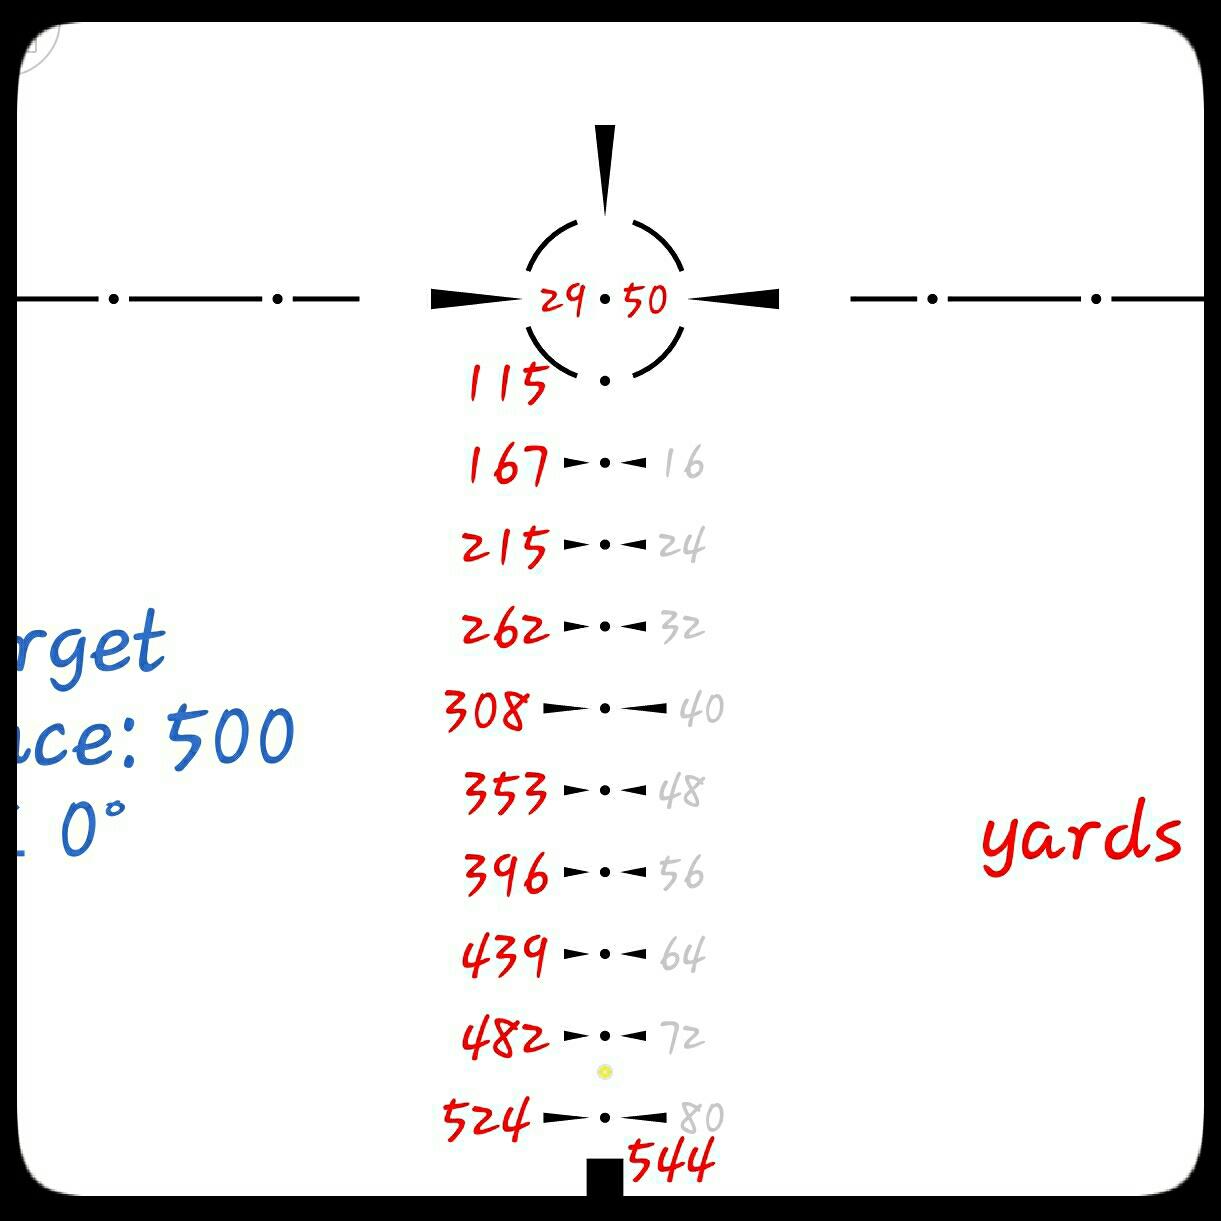 208gr .300Blk. 50 yd zero at 6x